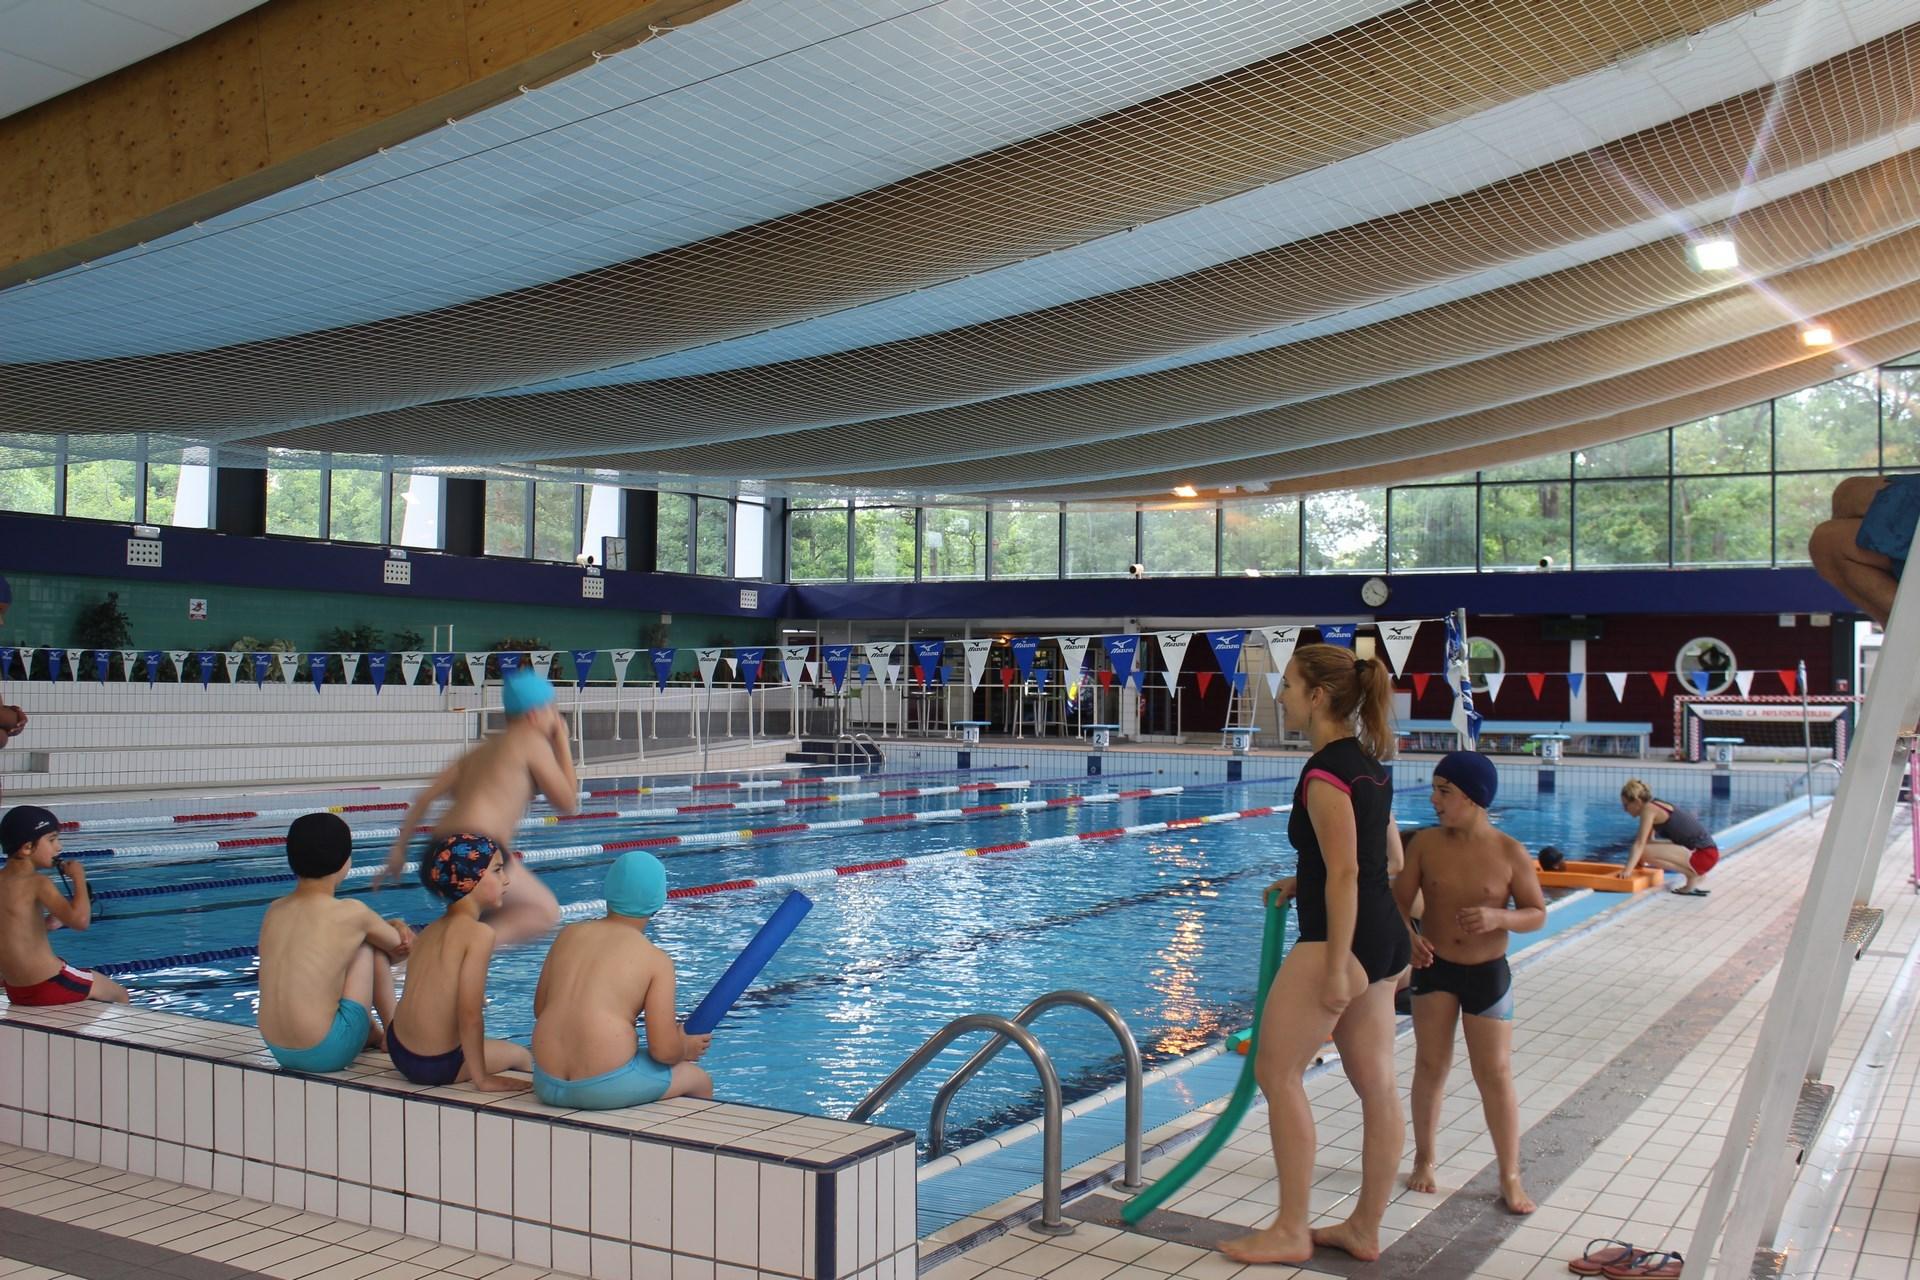 Piscine De La Faisanderie De Fontainebleau Loisirs Aquatiques Et